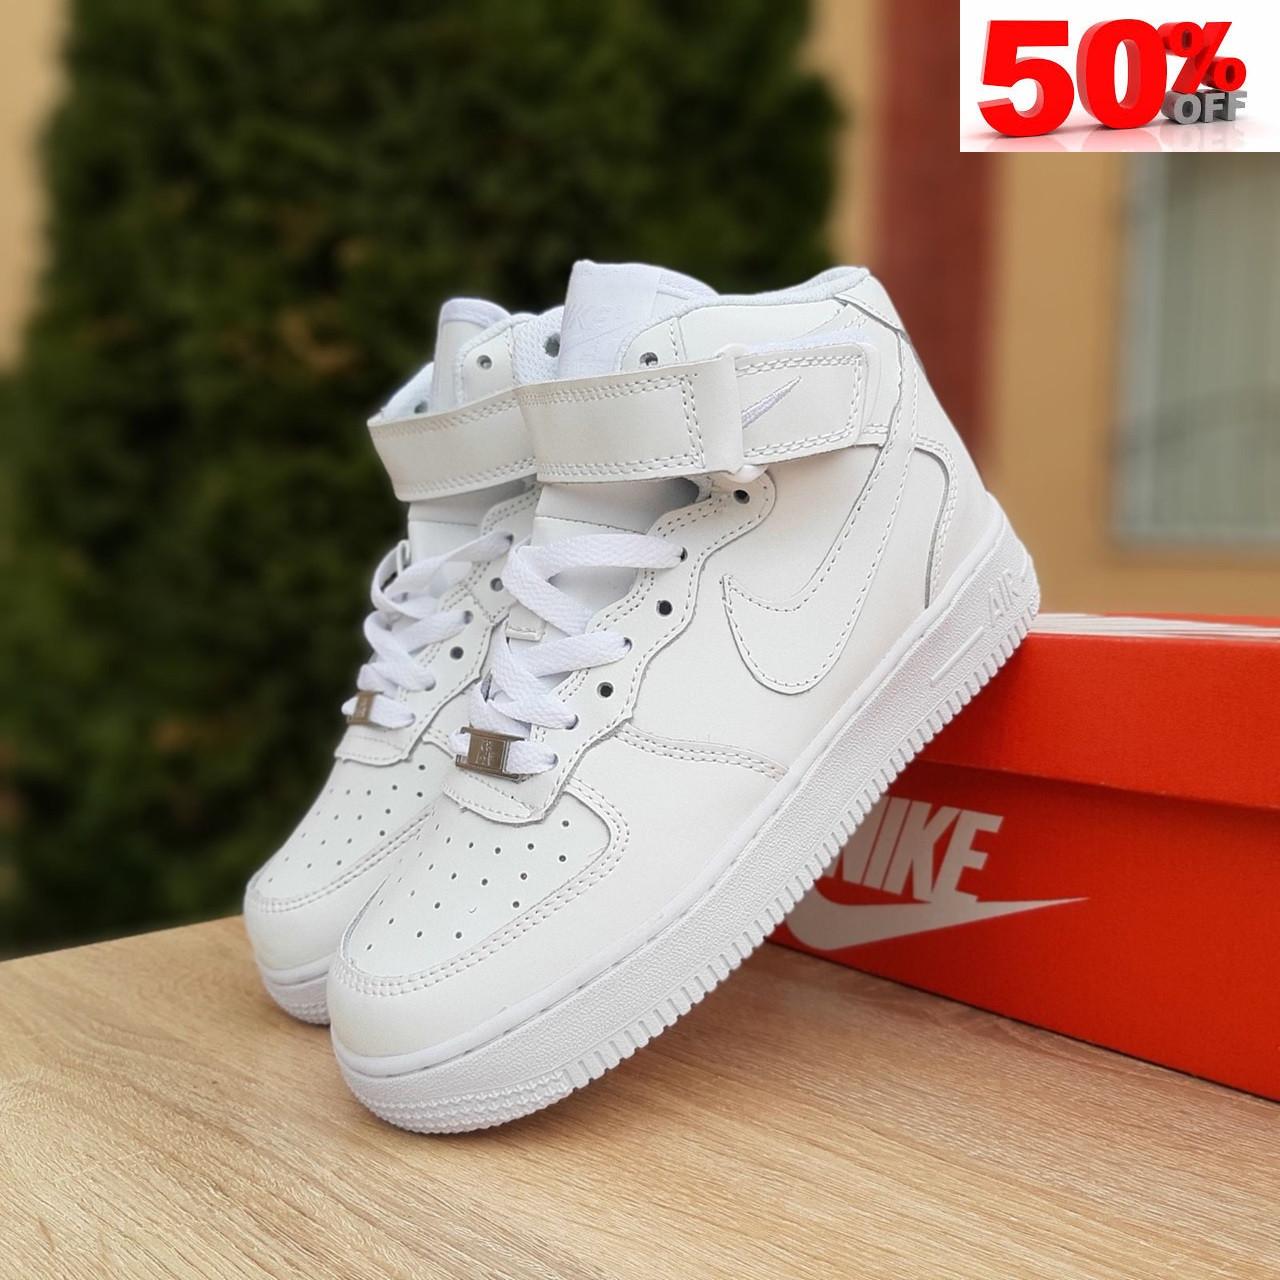 Кроссовки распродажа АКЦИЯ последние размеры Nike Air Force высокие белые кожа  550 грн 37(23.5см), люкс копия